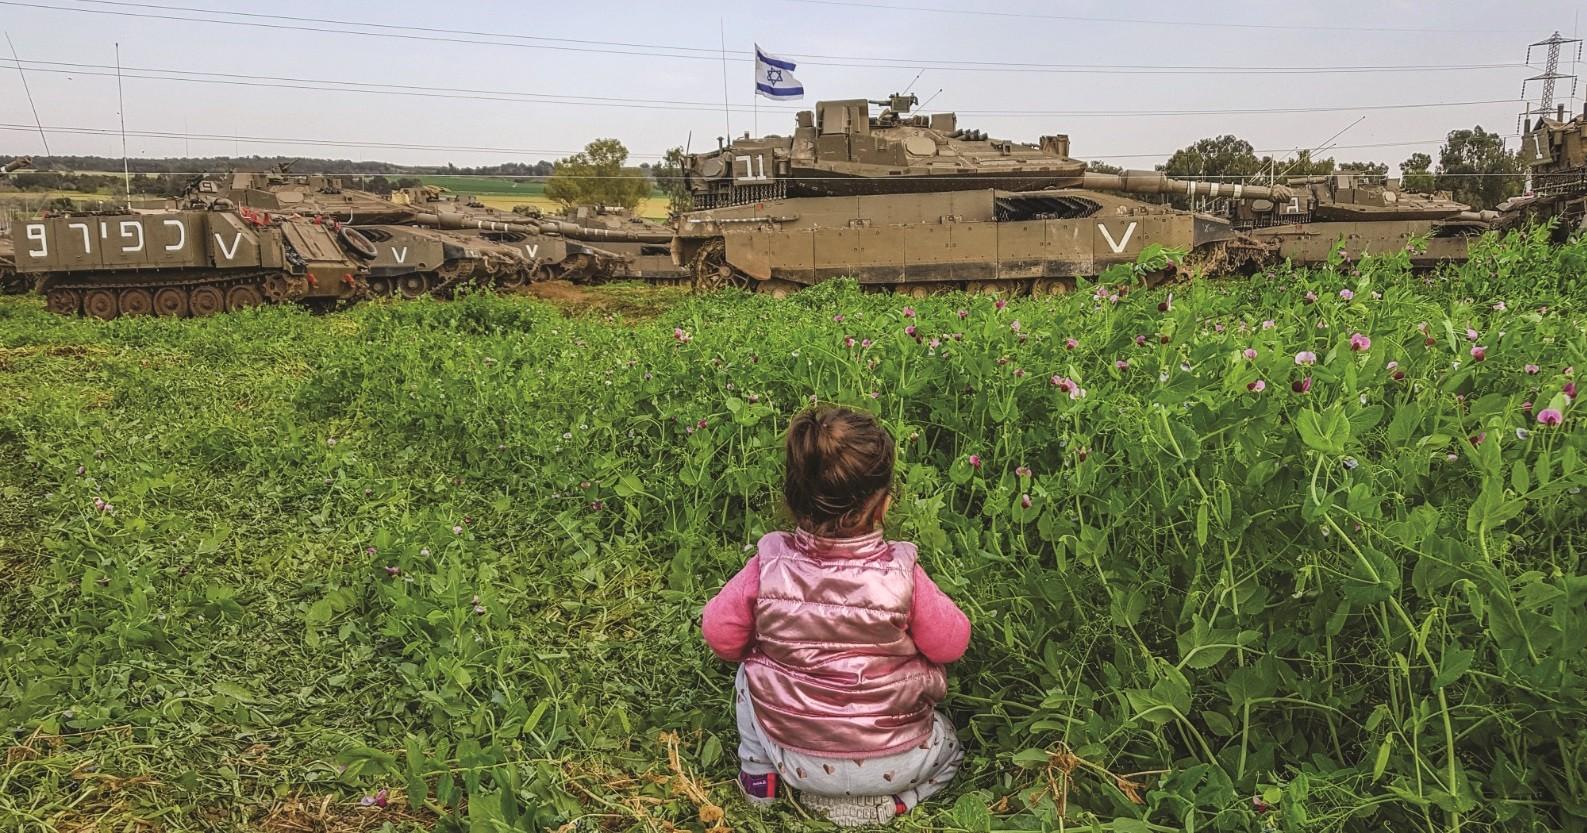 המציאות הבלתי נתפשת בעוטף עזה פעוטה מול טנקי מרכבה